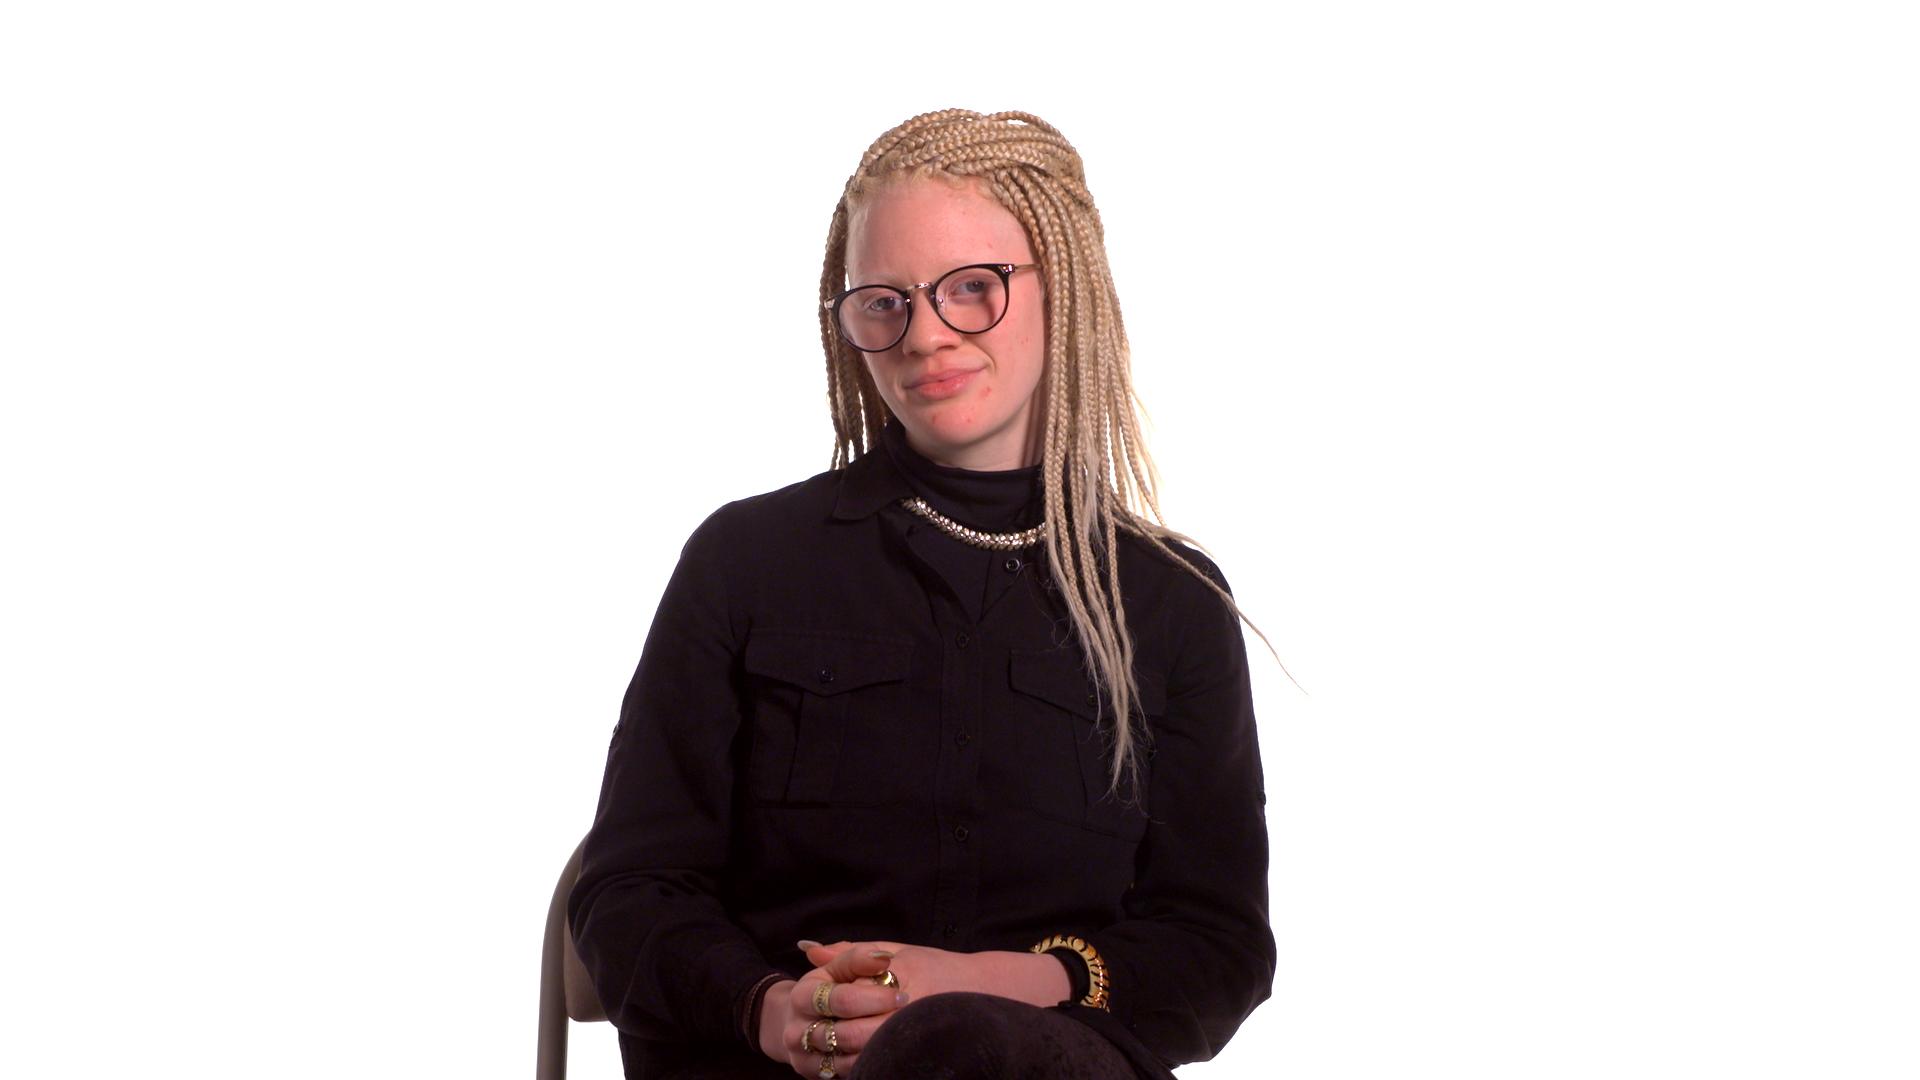 Rebecca Keel